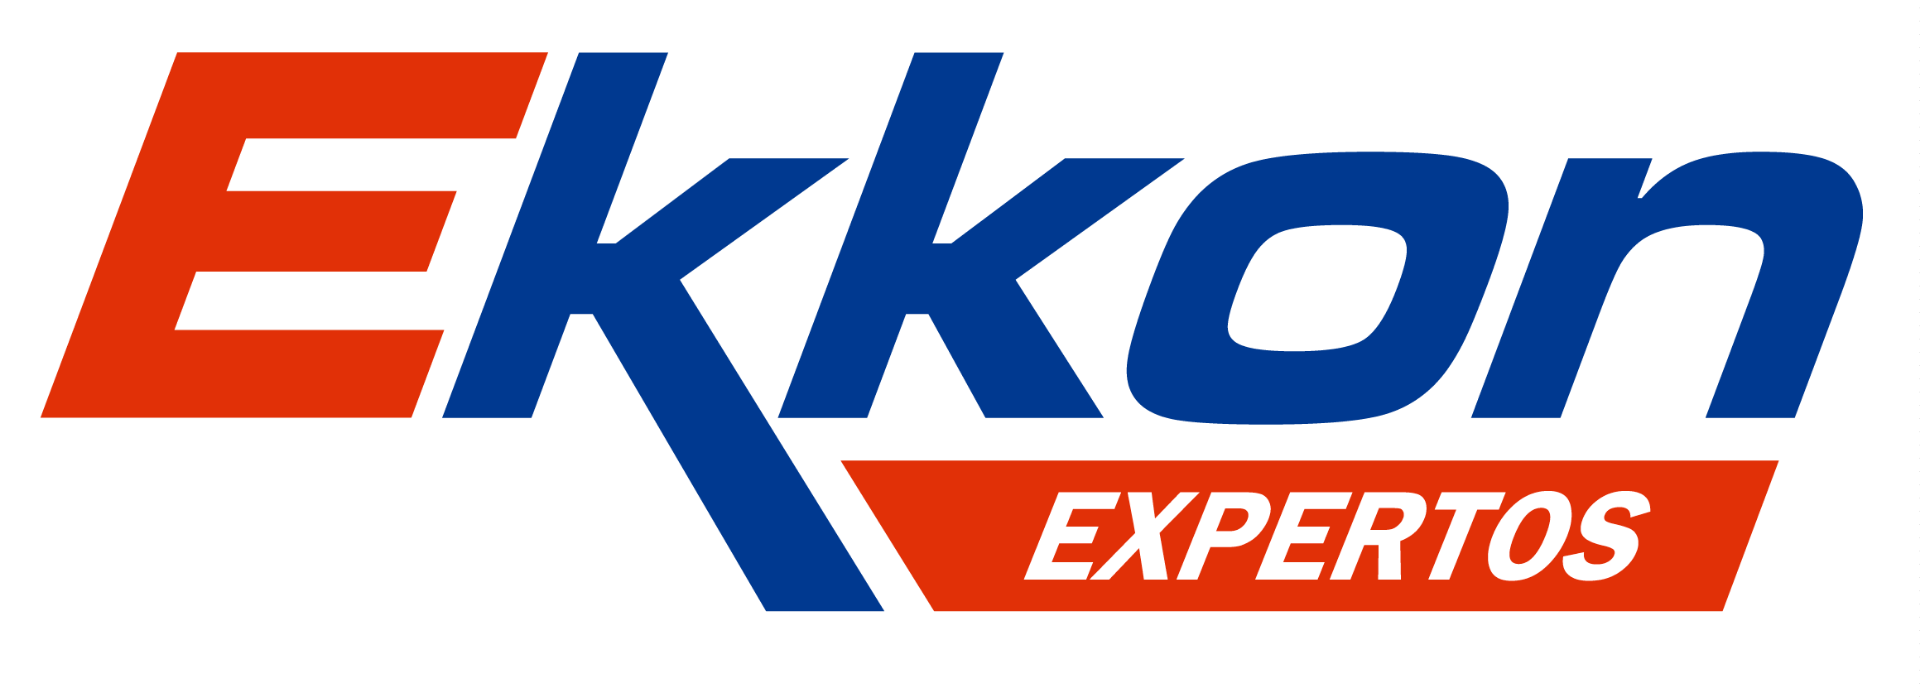 EKKON EXPERTOS